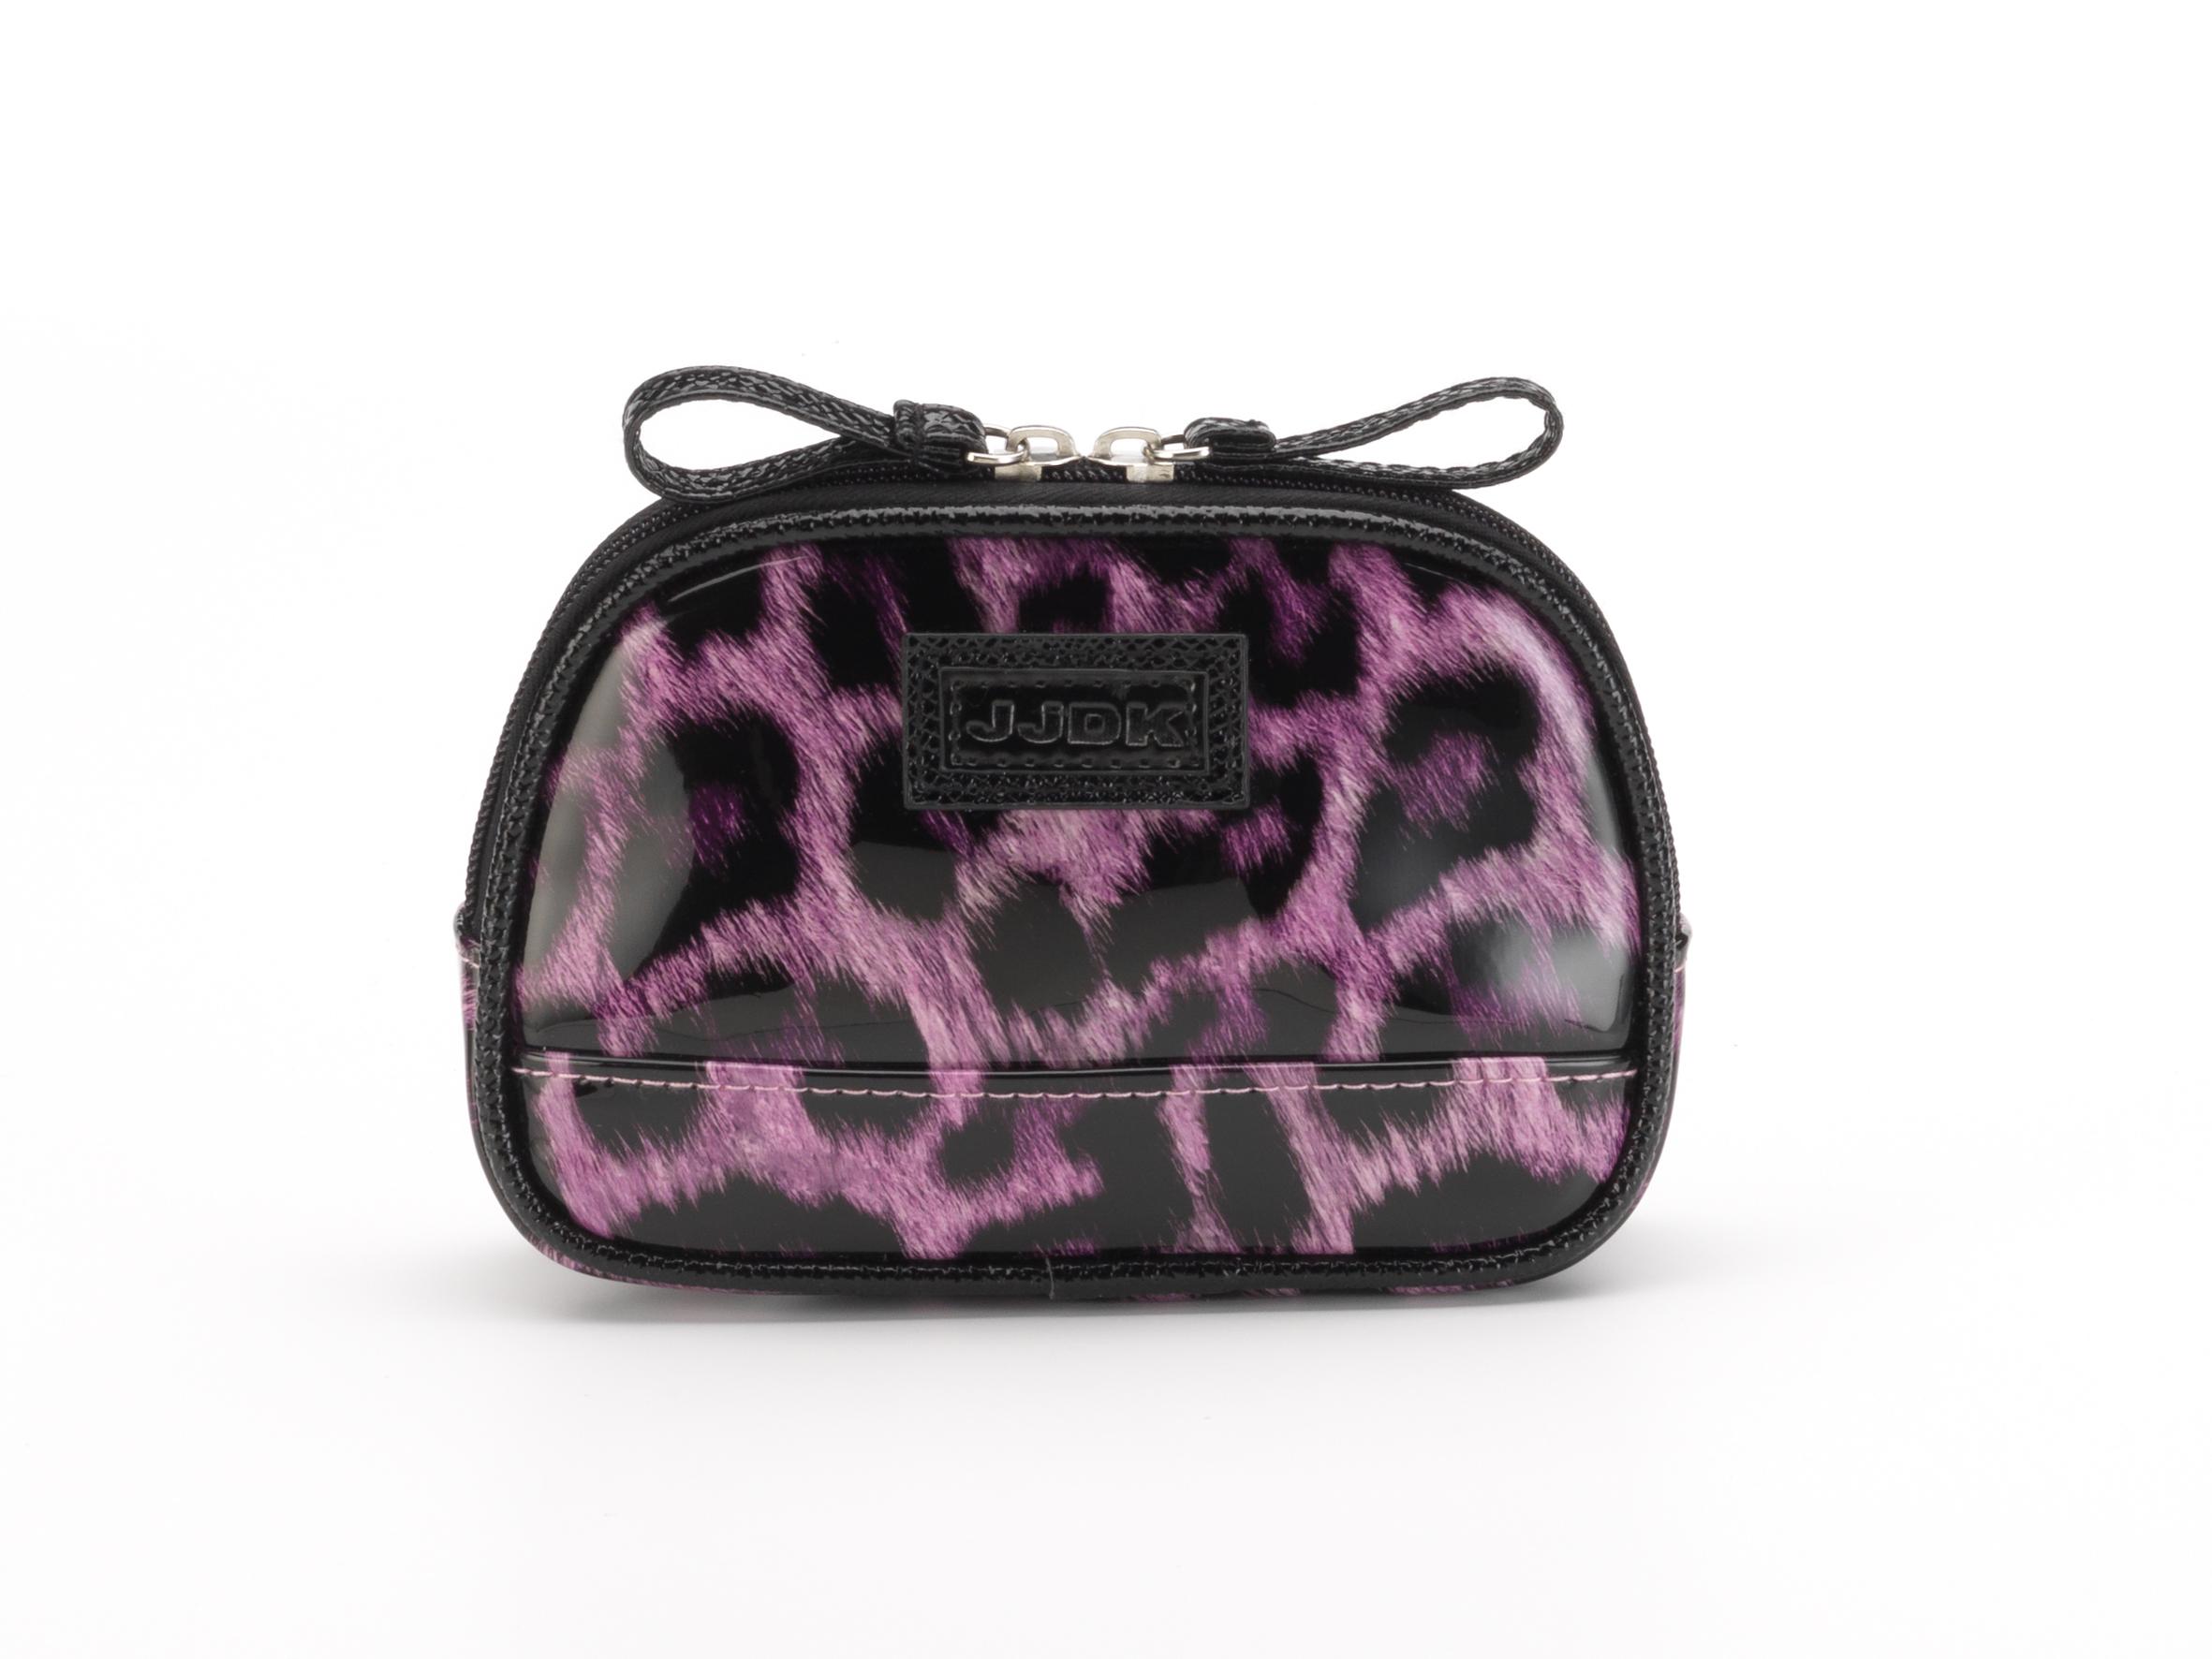 JJDK Косметичка Oda leopard pink запечатанный хлопок, леопард розовый